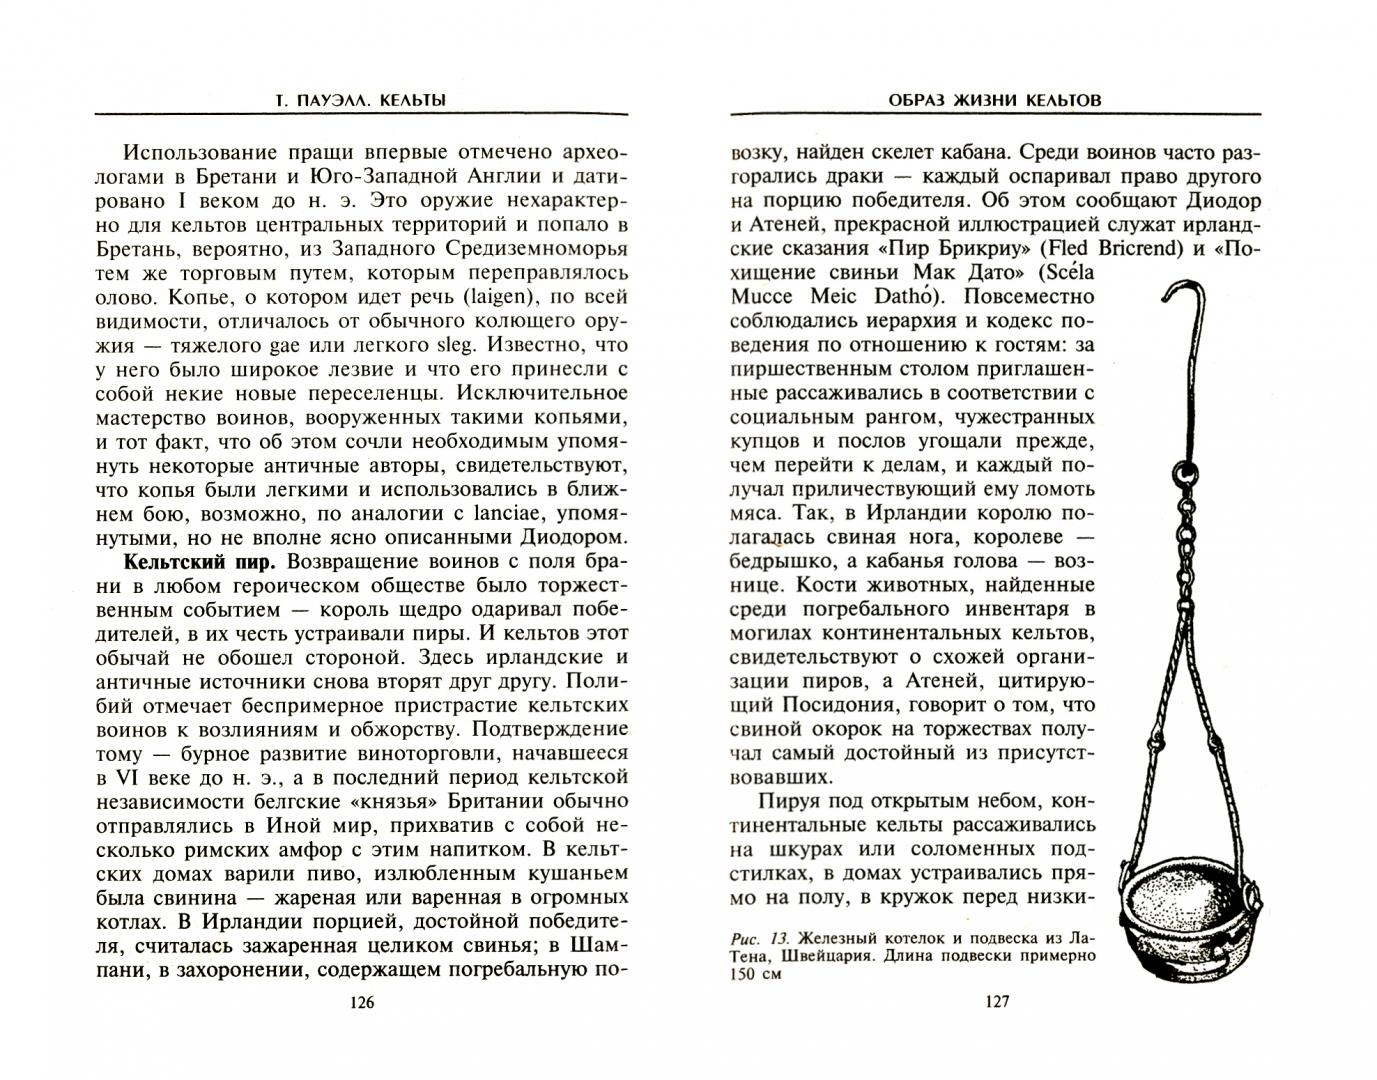 Иллюстрация 1 из 17 для Кельты. Воины и маги - Теренс Пауэлл | Лабиринт - книги. Источник: Лабиринт